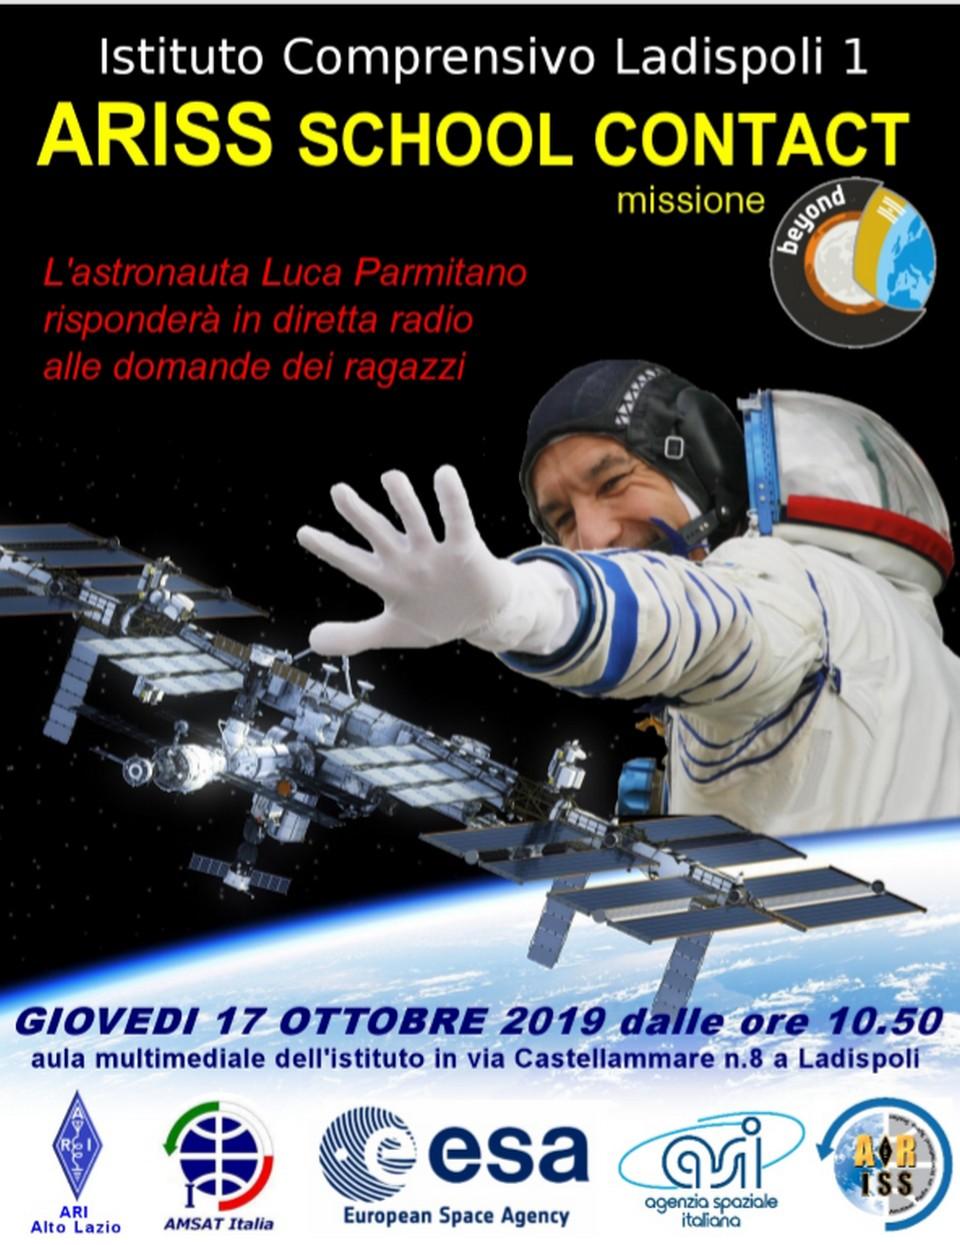 Evento spaziale all'i.c. Ladispoli 1: collegamento via radio con la Stazione Orbitante Internazionale ed il Comandante Palmitano